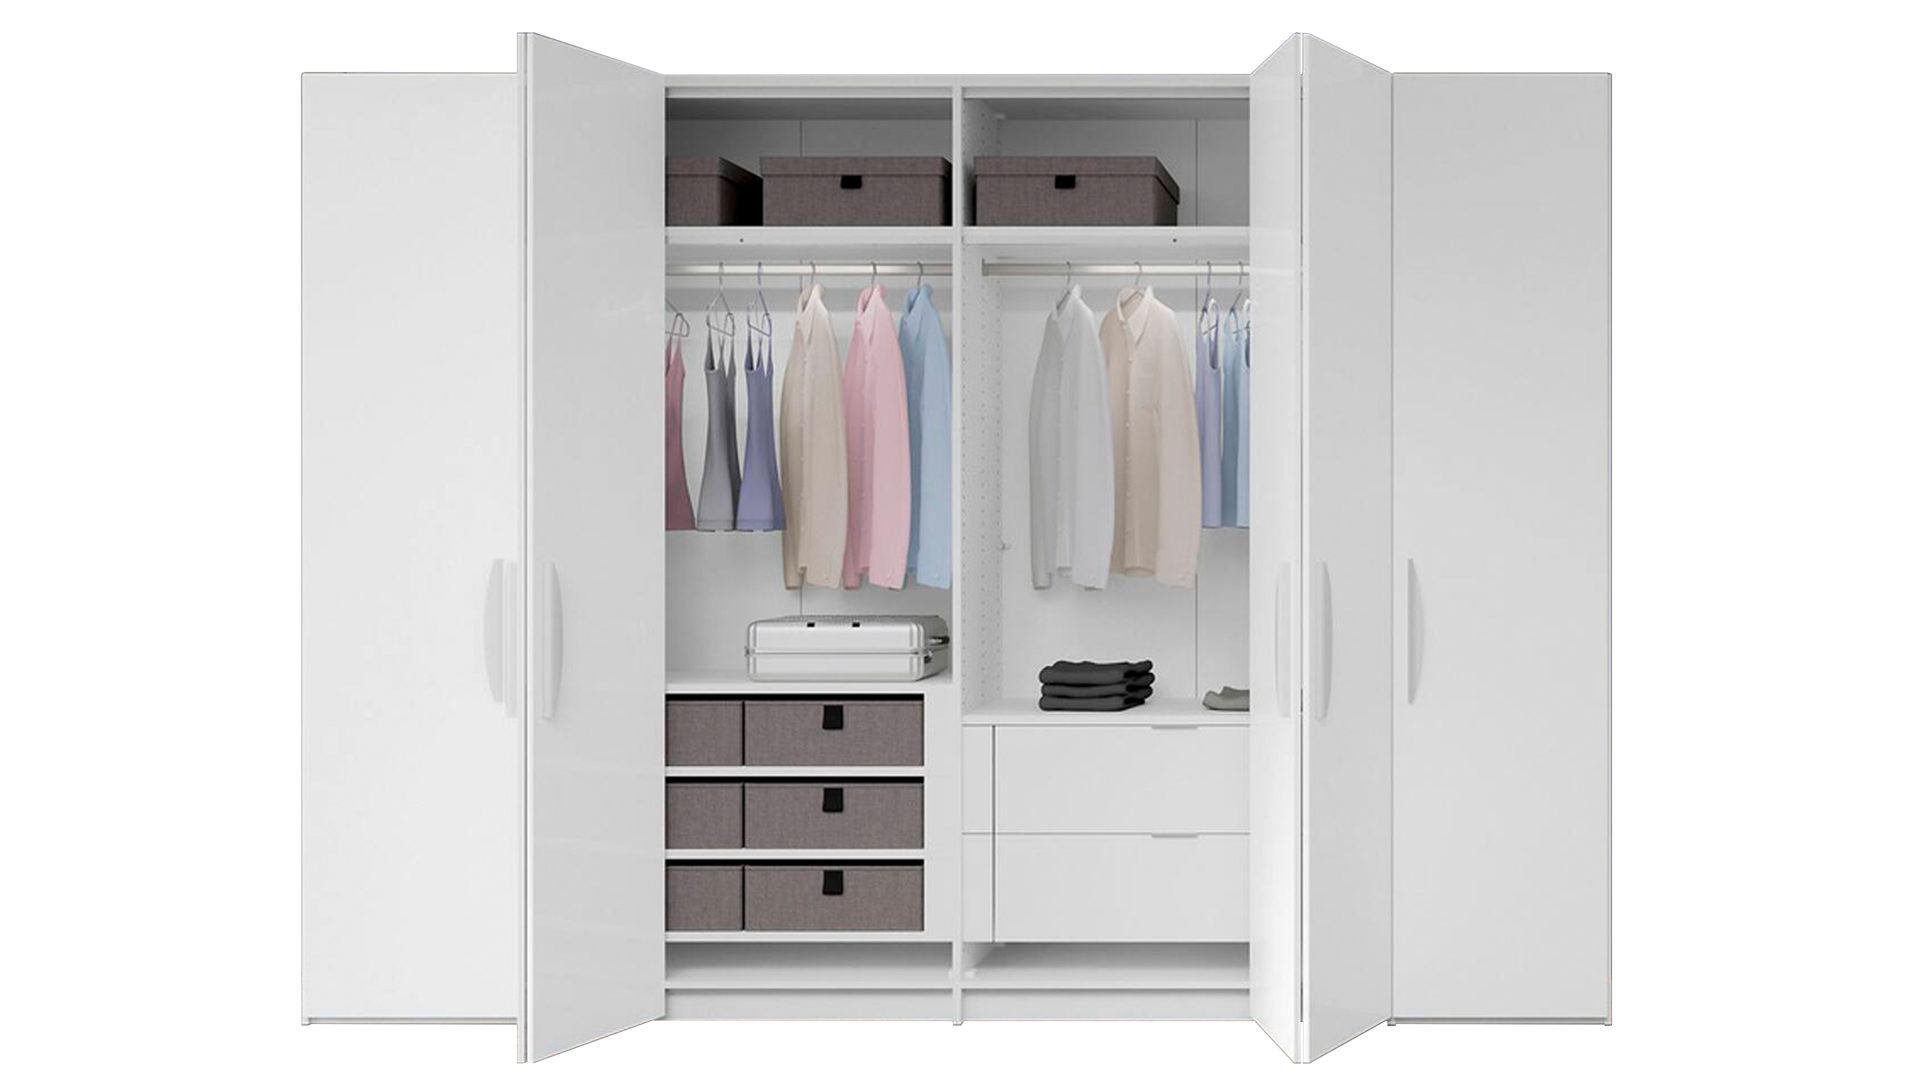 Schlafzimmerschrank Weiß Holz Kleiderschrank Design Holz